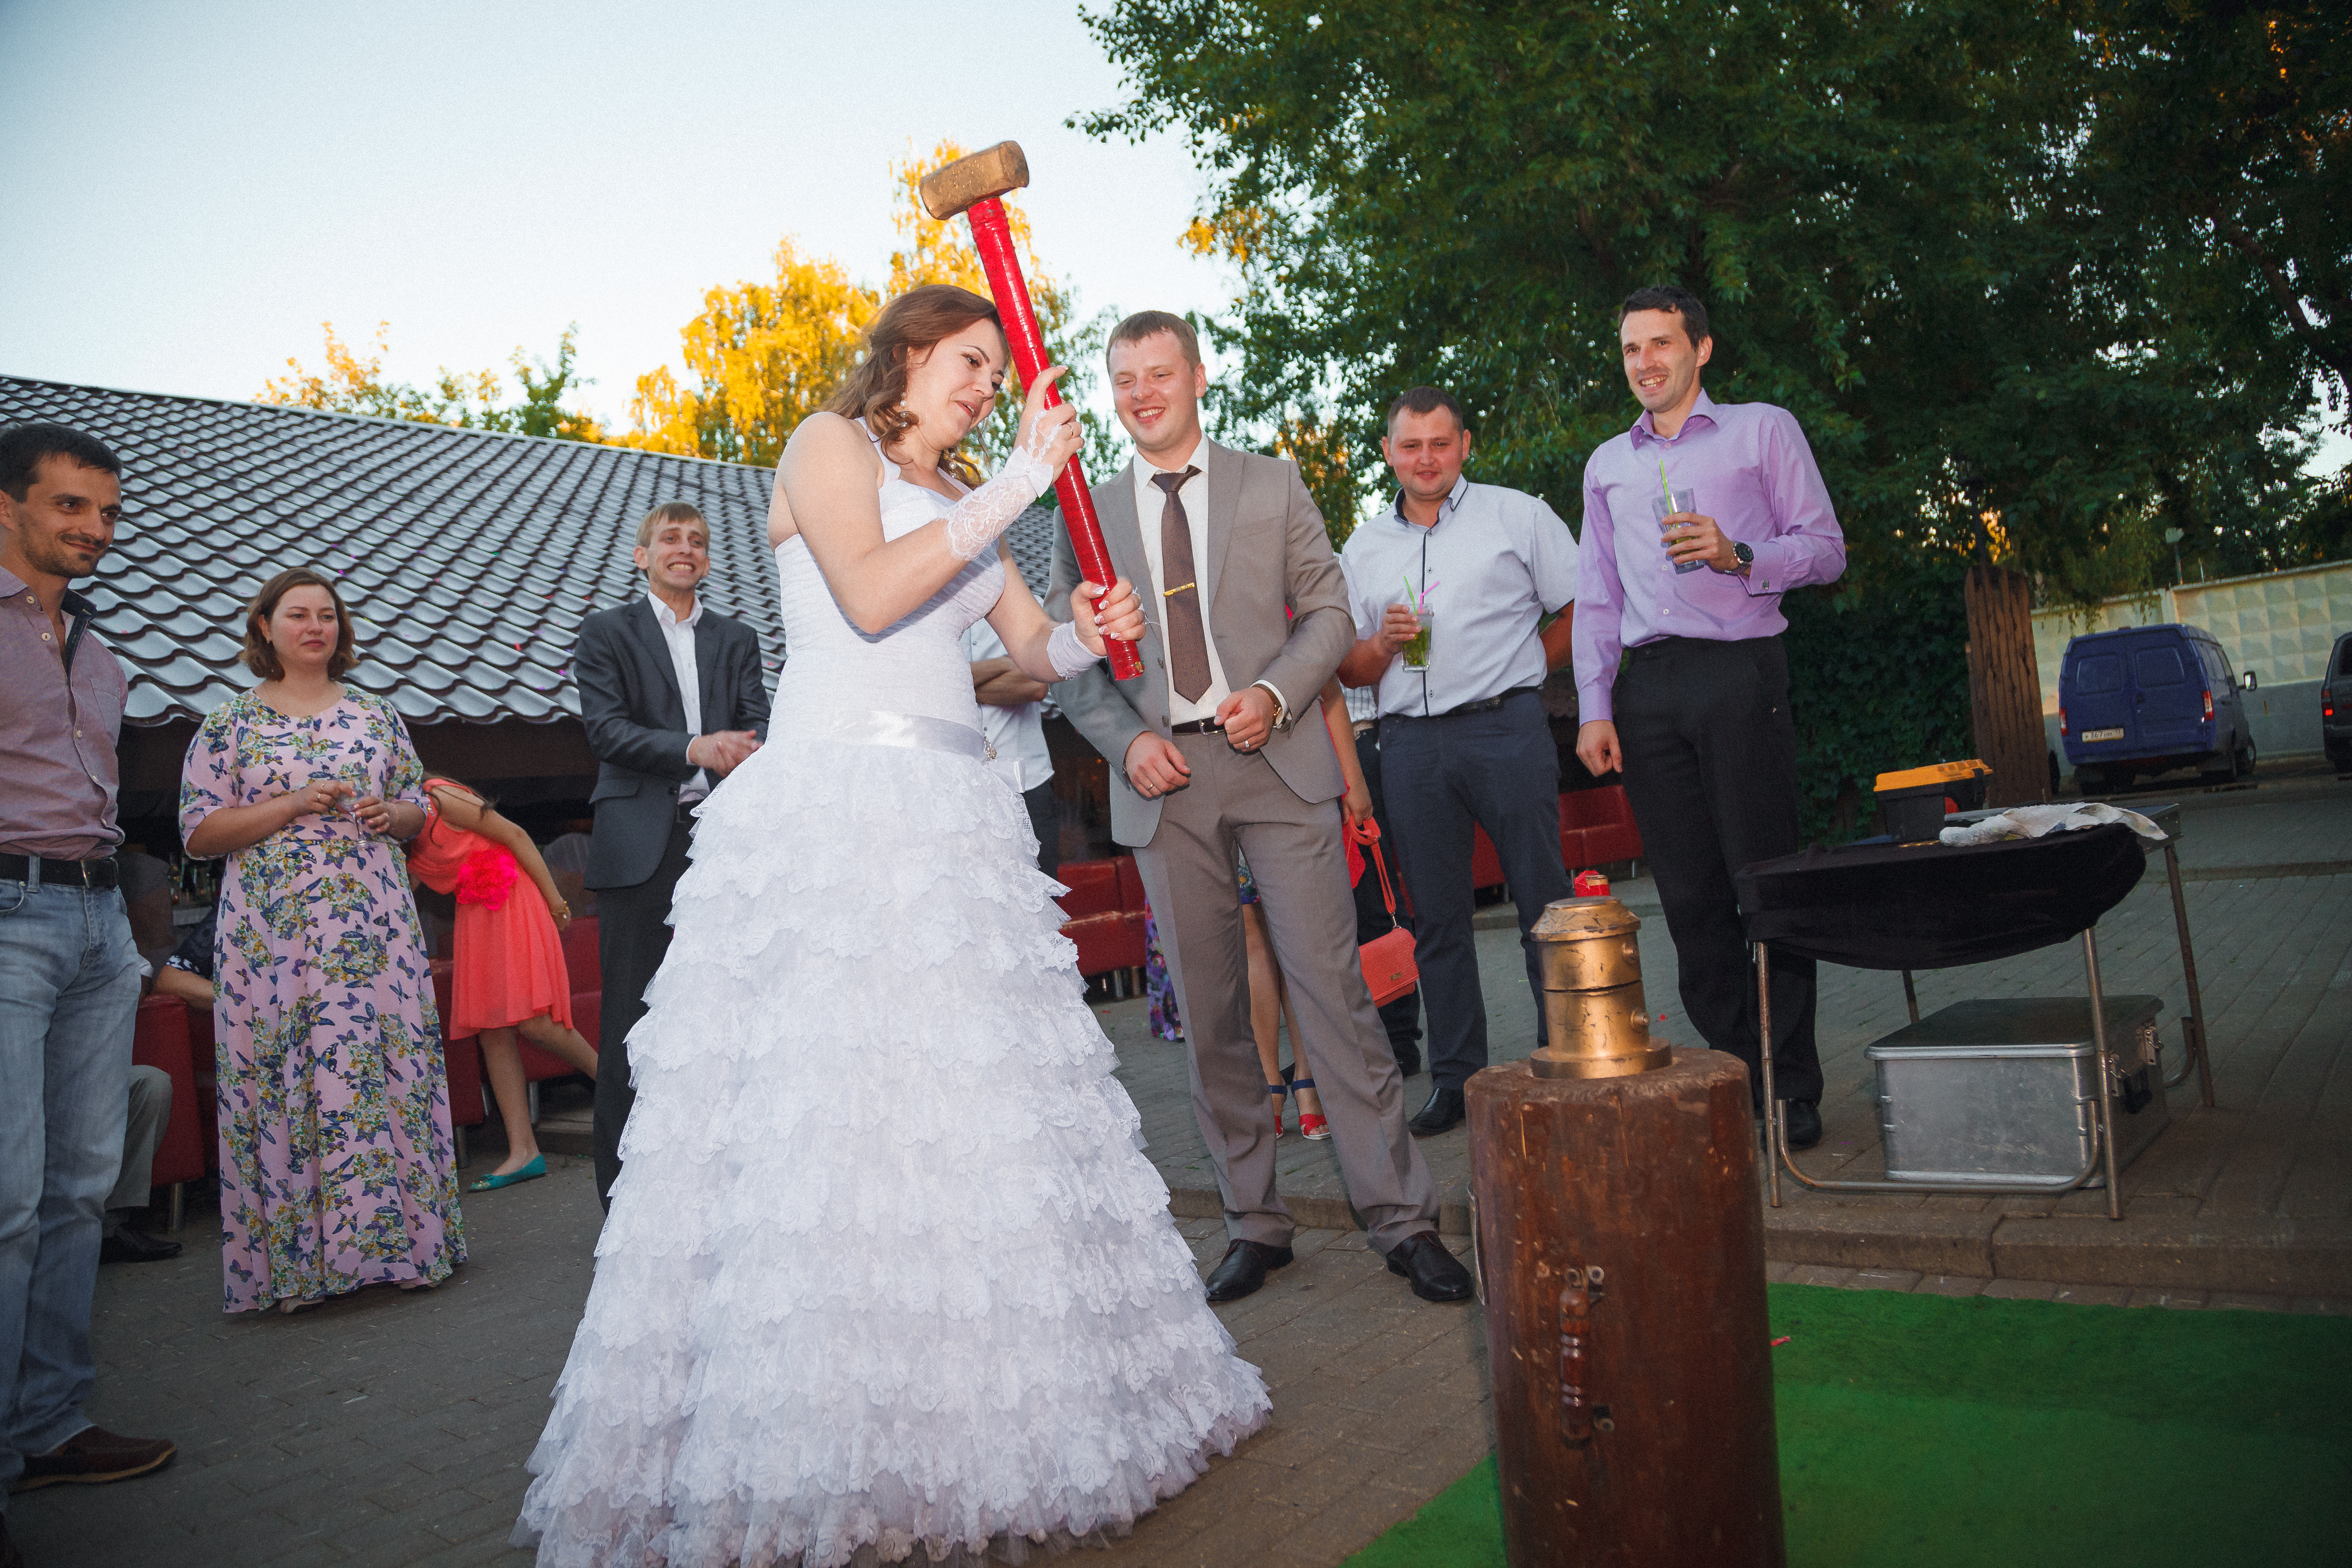 монетный аттракцион на свадьбу